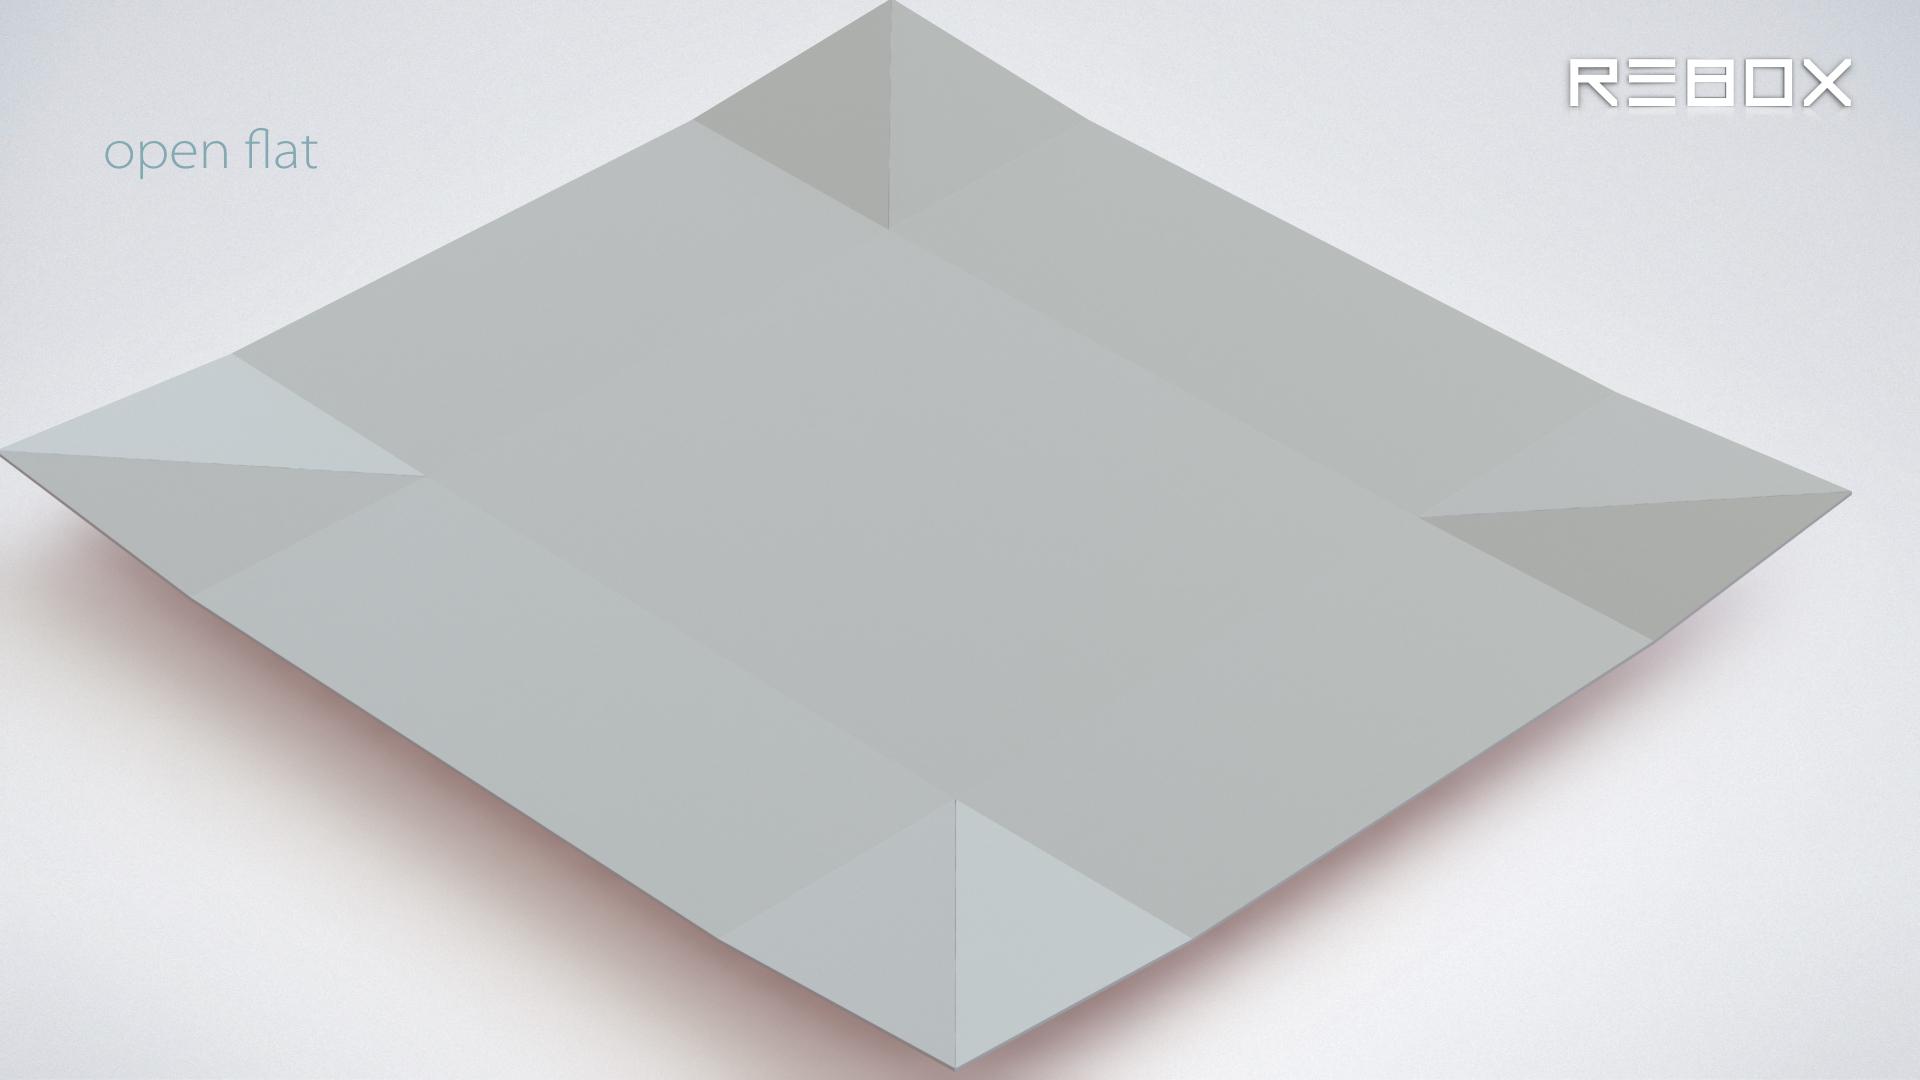 box and mat